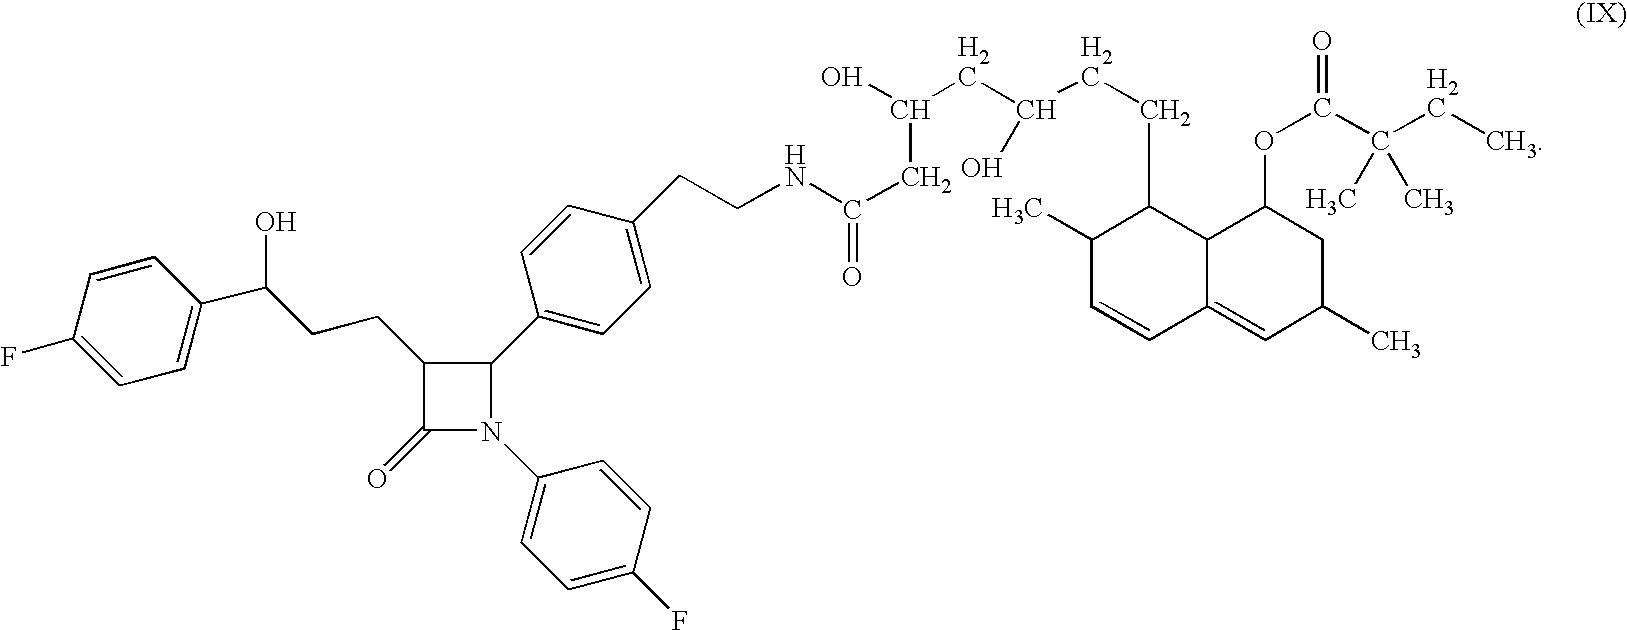 Figure US07741289-20100622-C00022